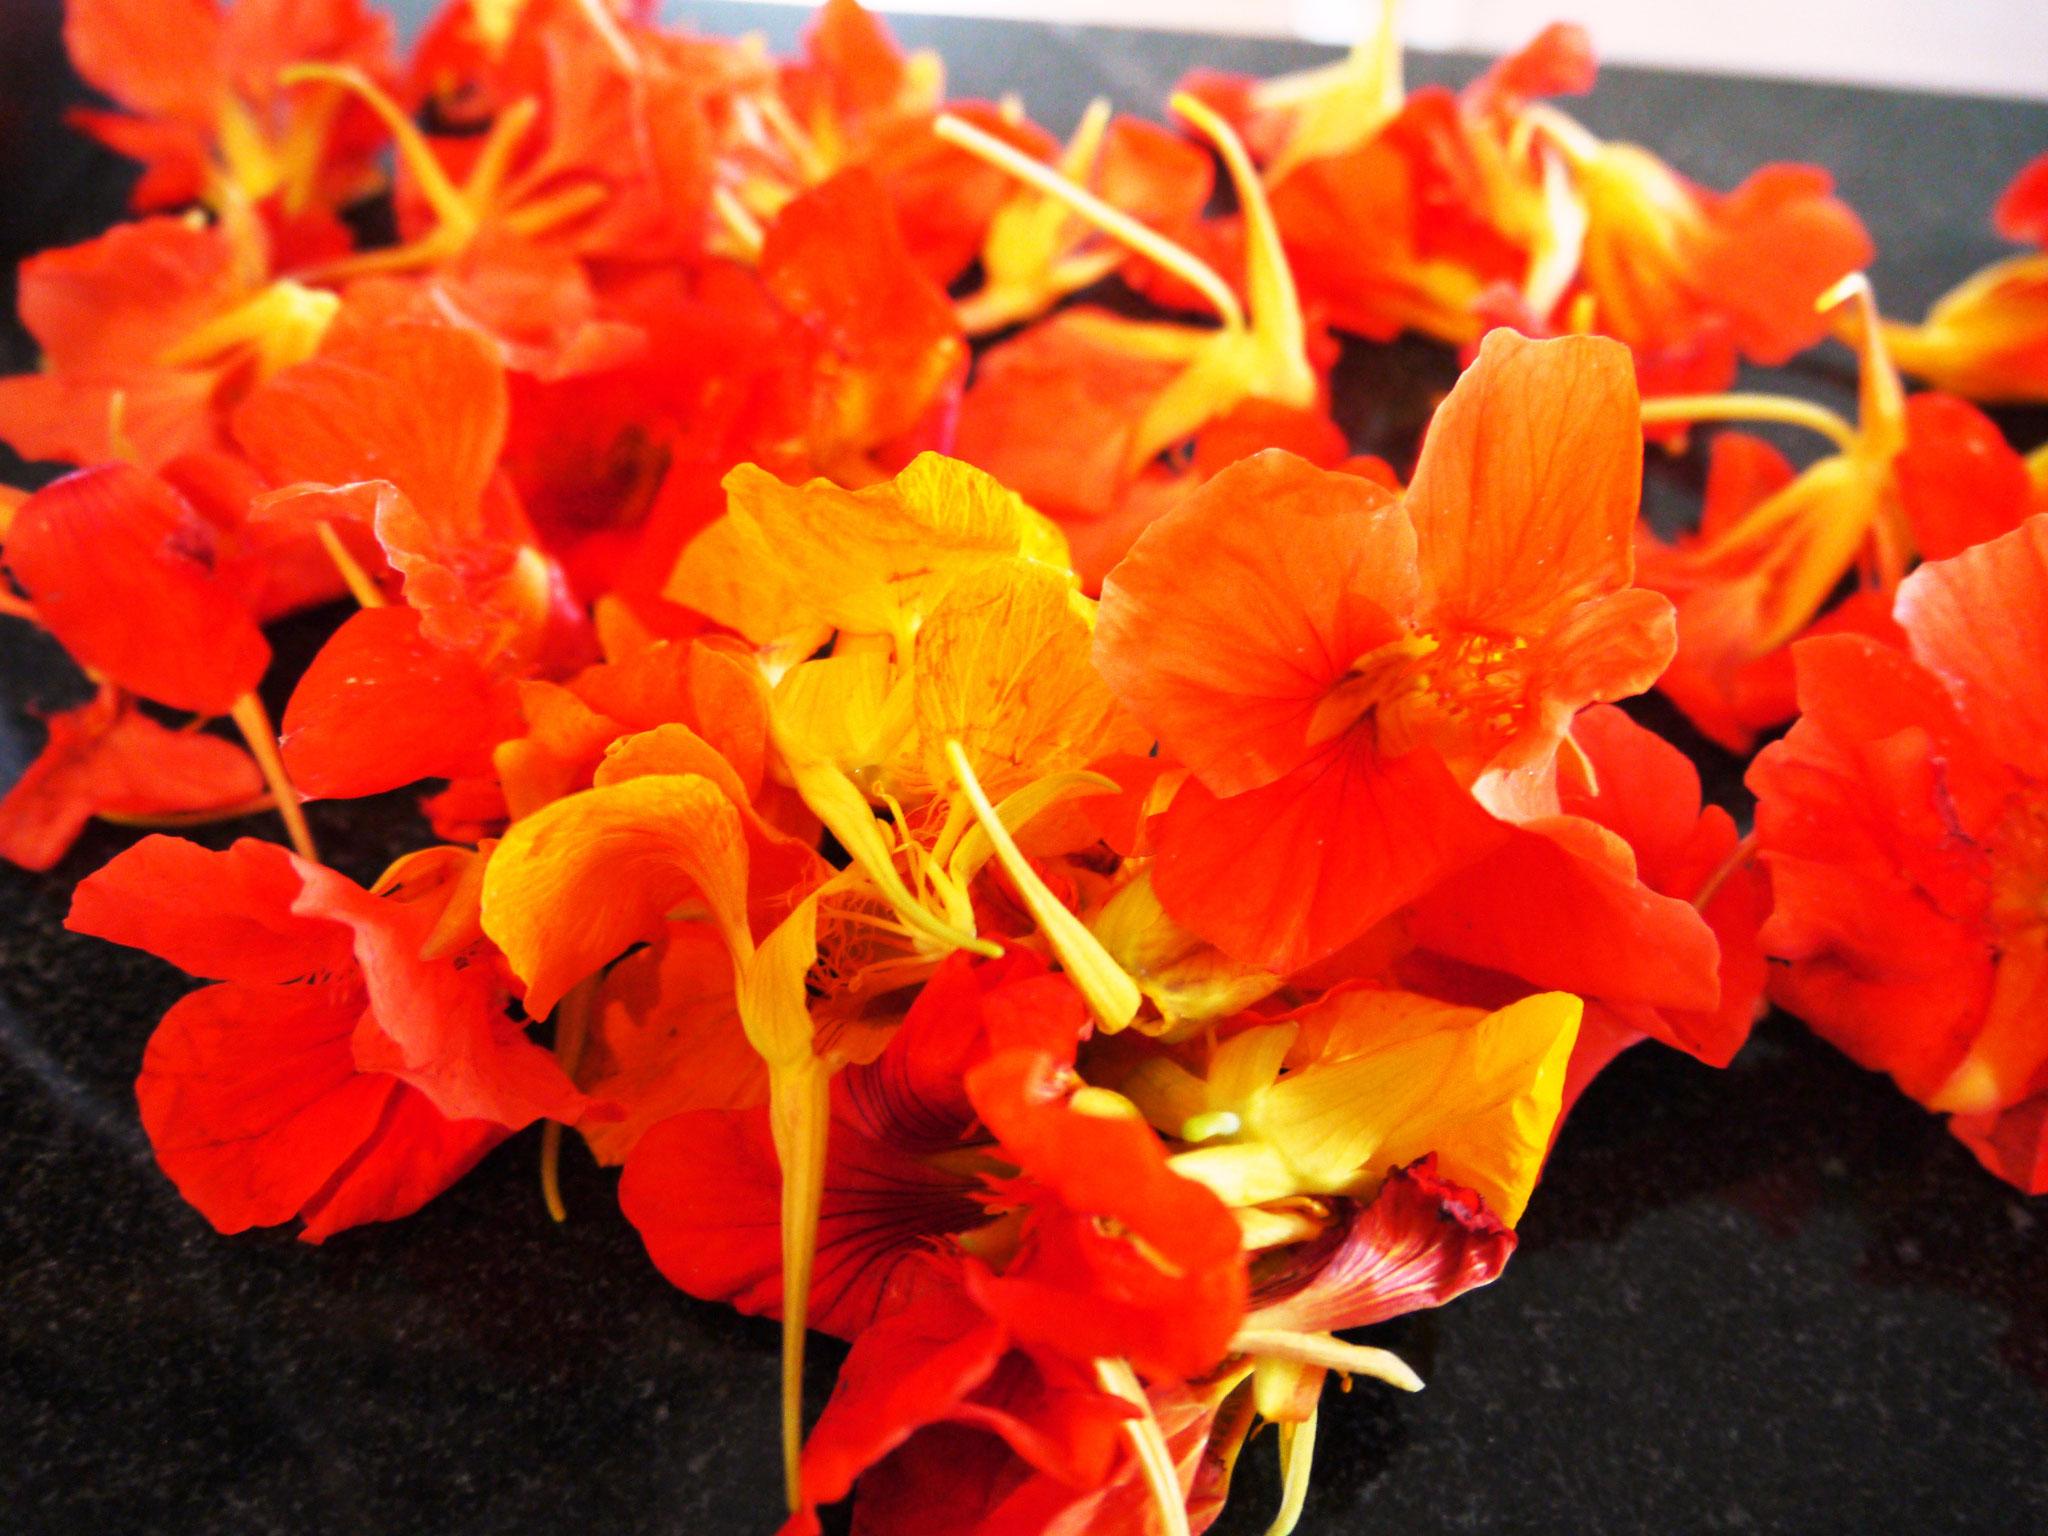 Blüten, Blätter und Knospen kannst du von der Kapuzinerkresse essen. Alles! :)